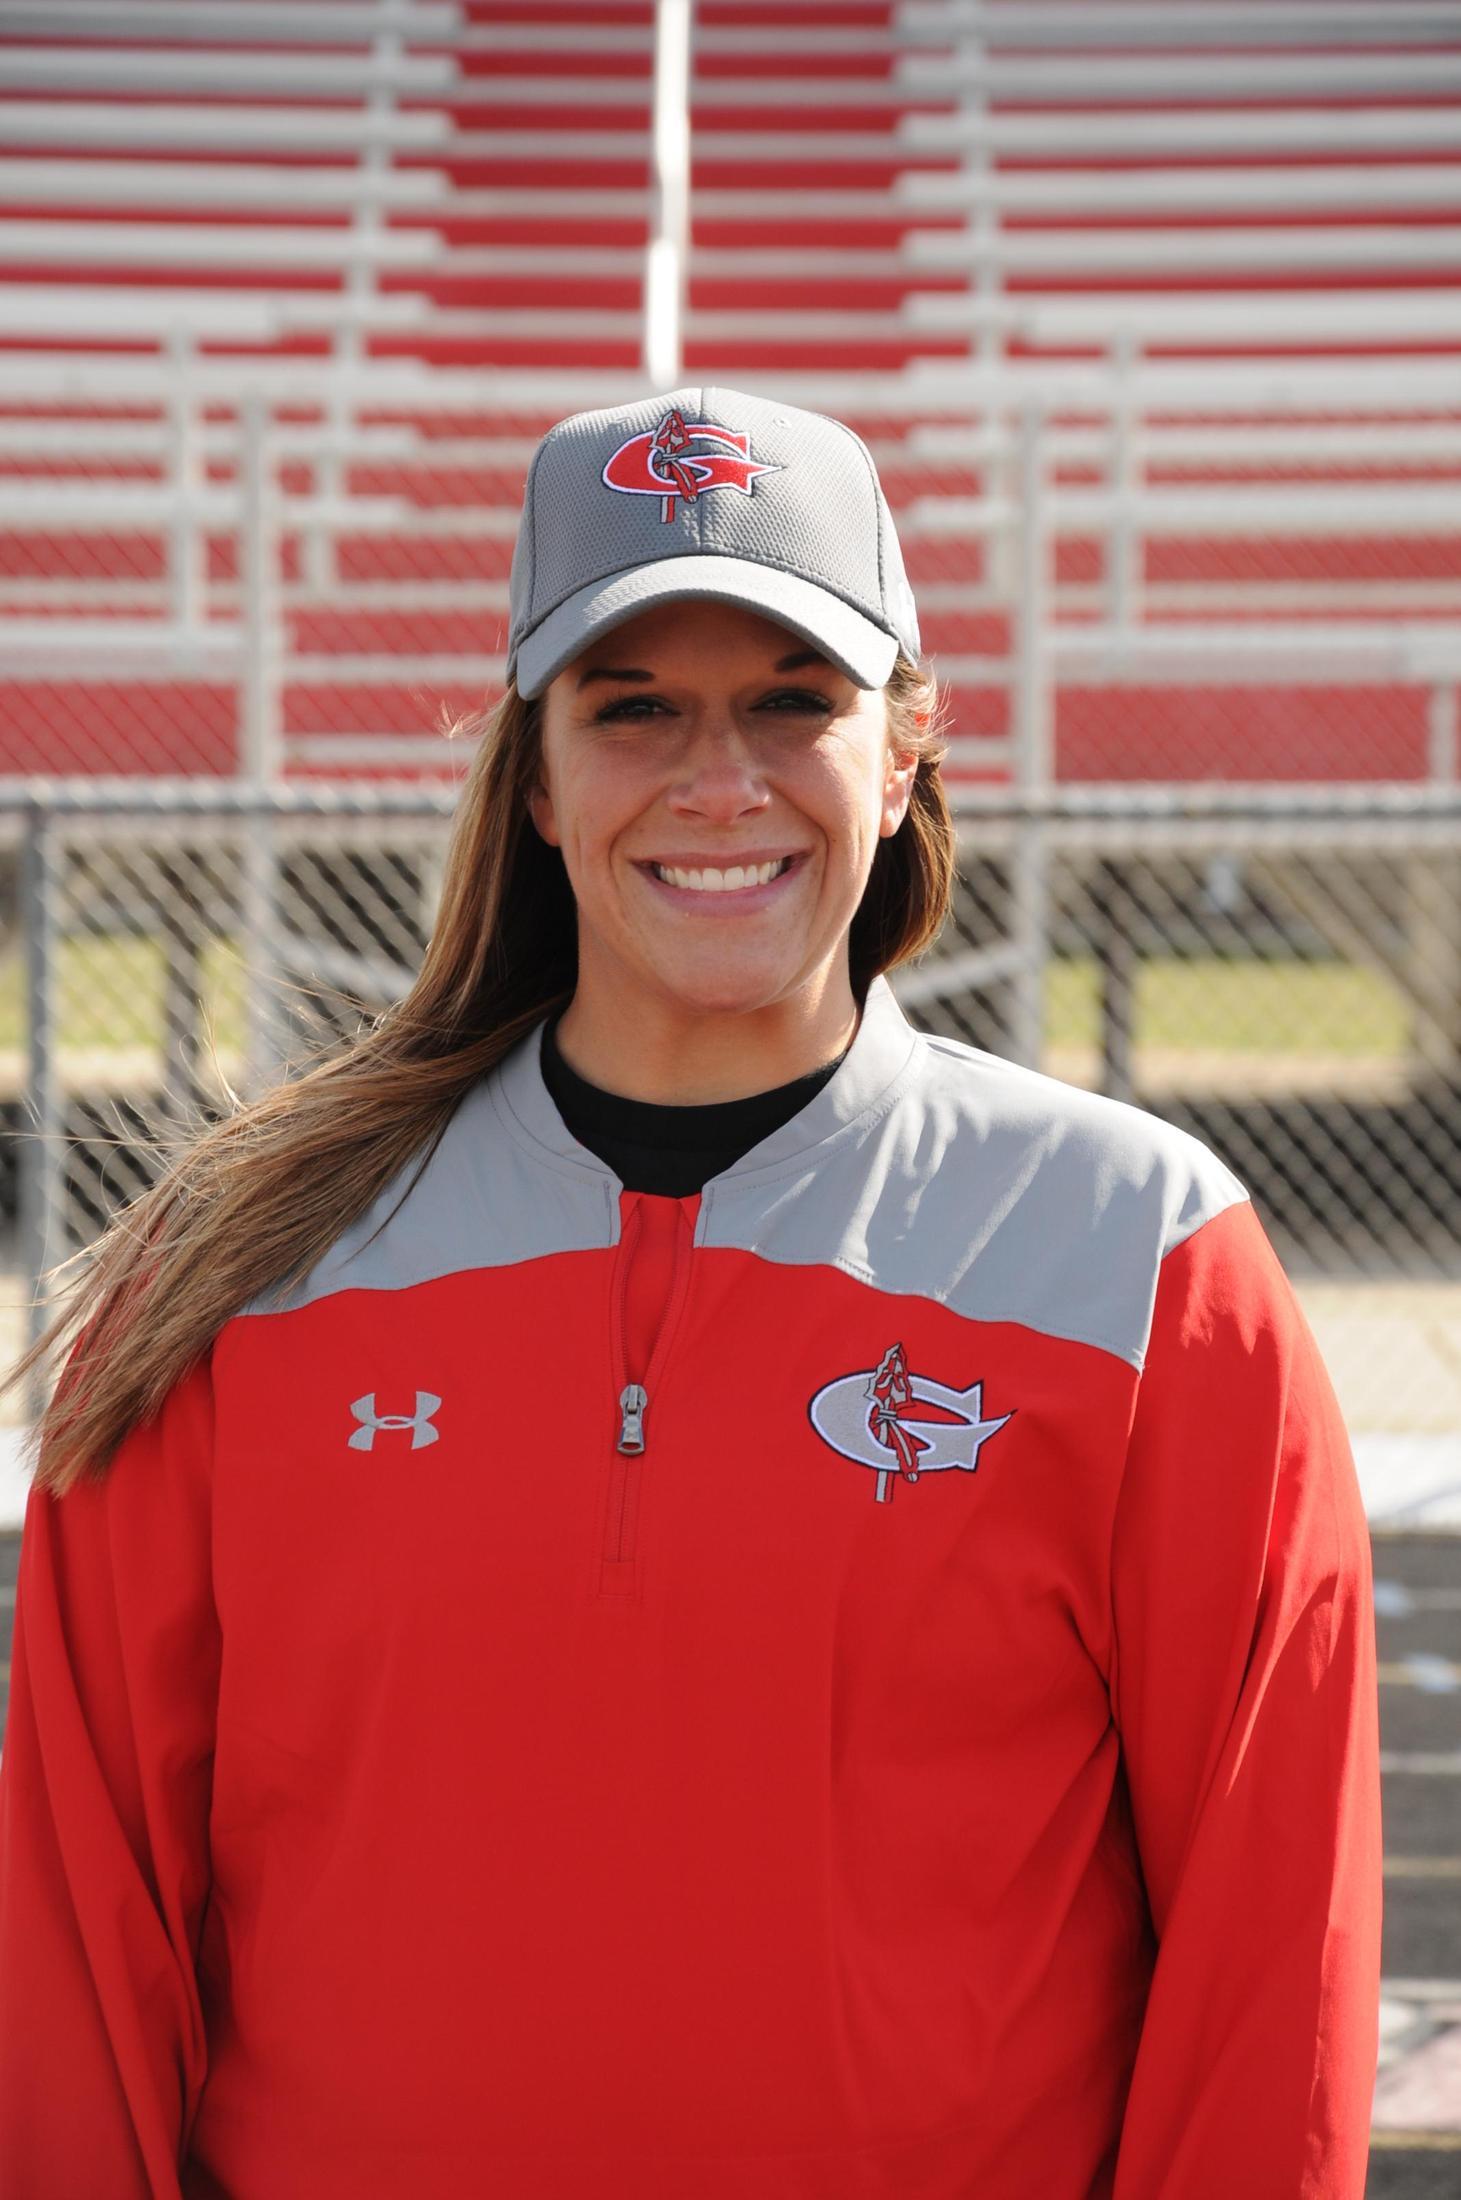 Asst. Coach Tucker